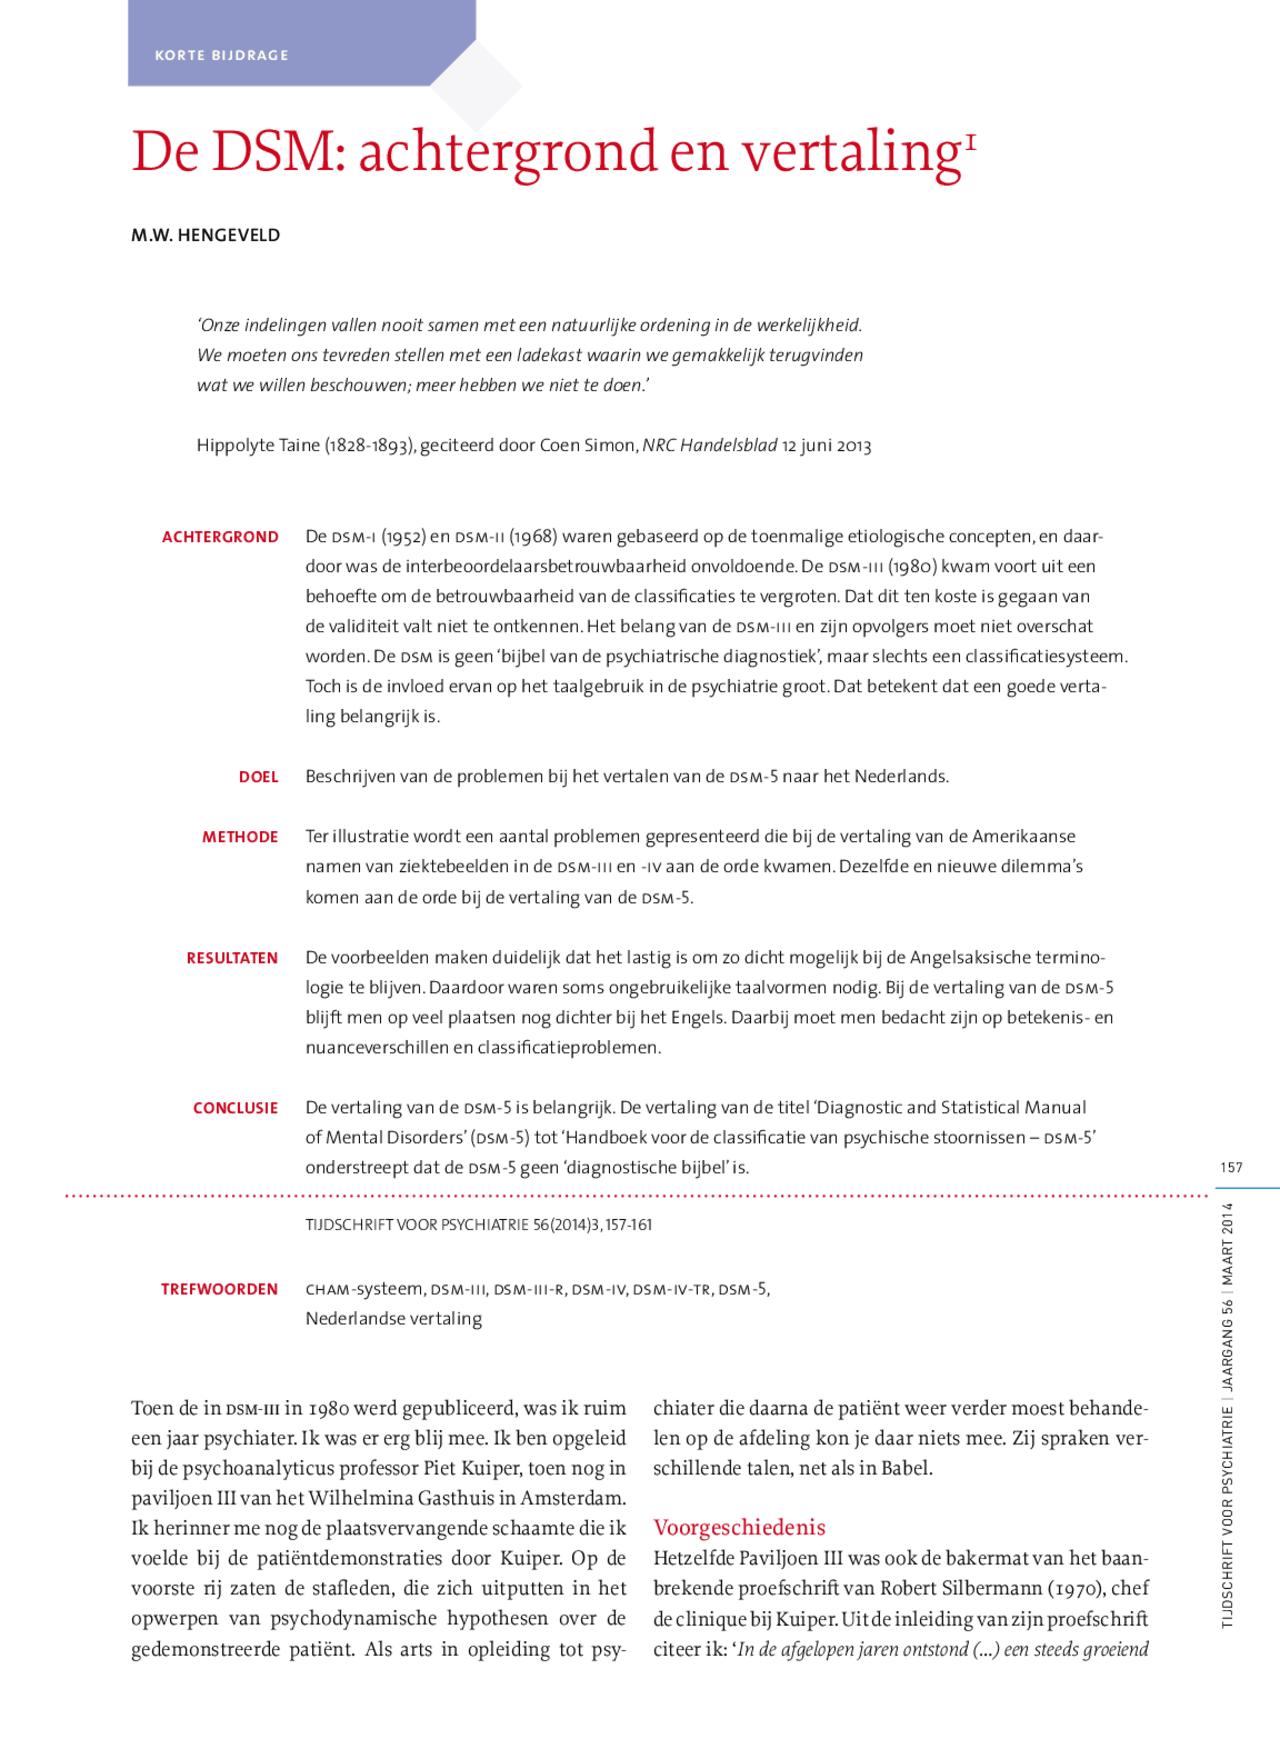 De DSM achtergrond en vertaling met Engelse samenvatting   Docsity